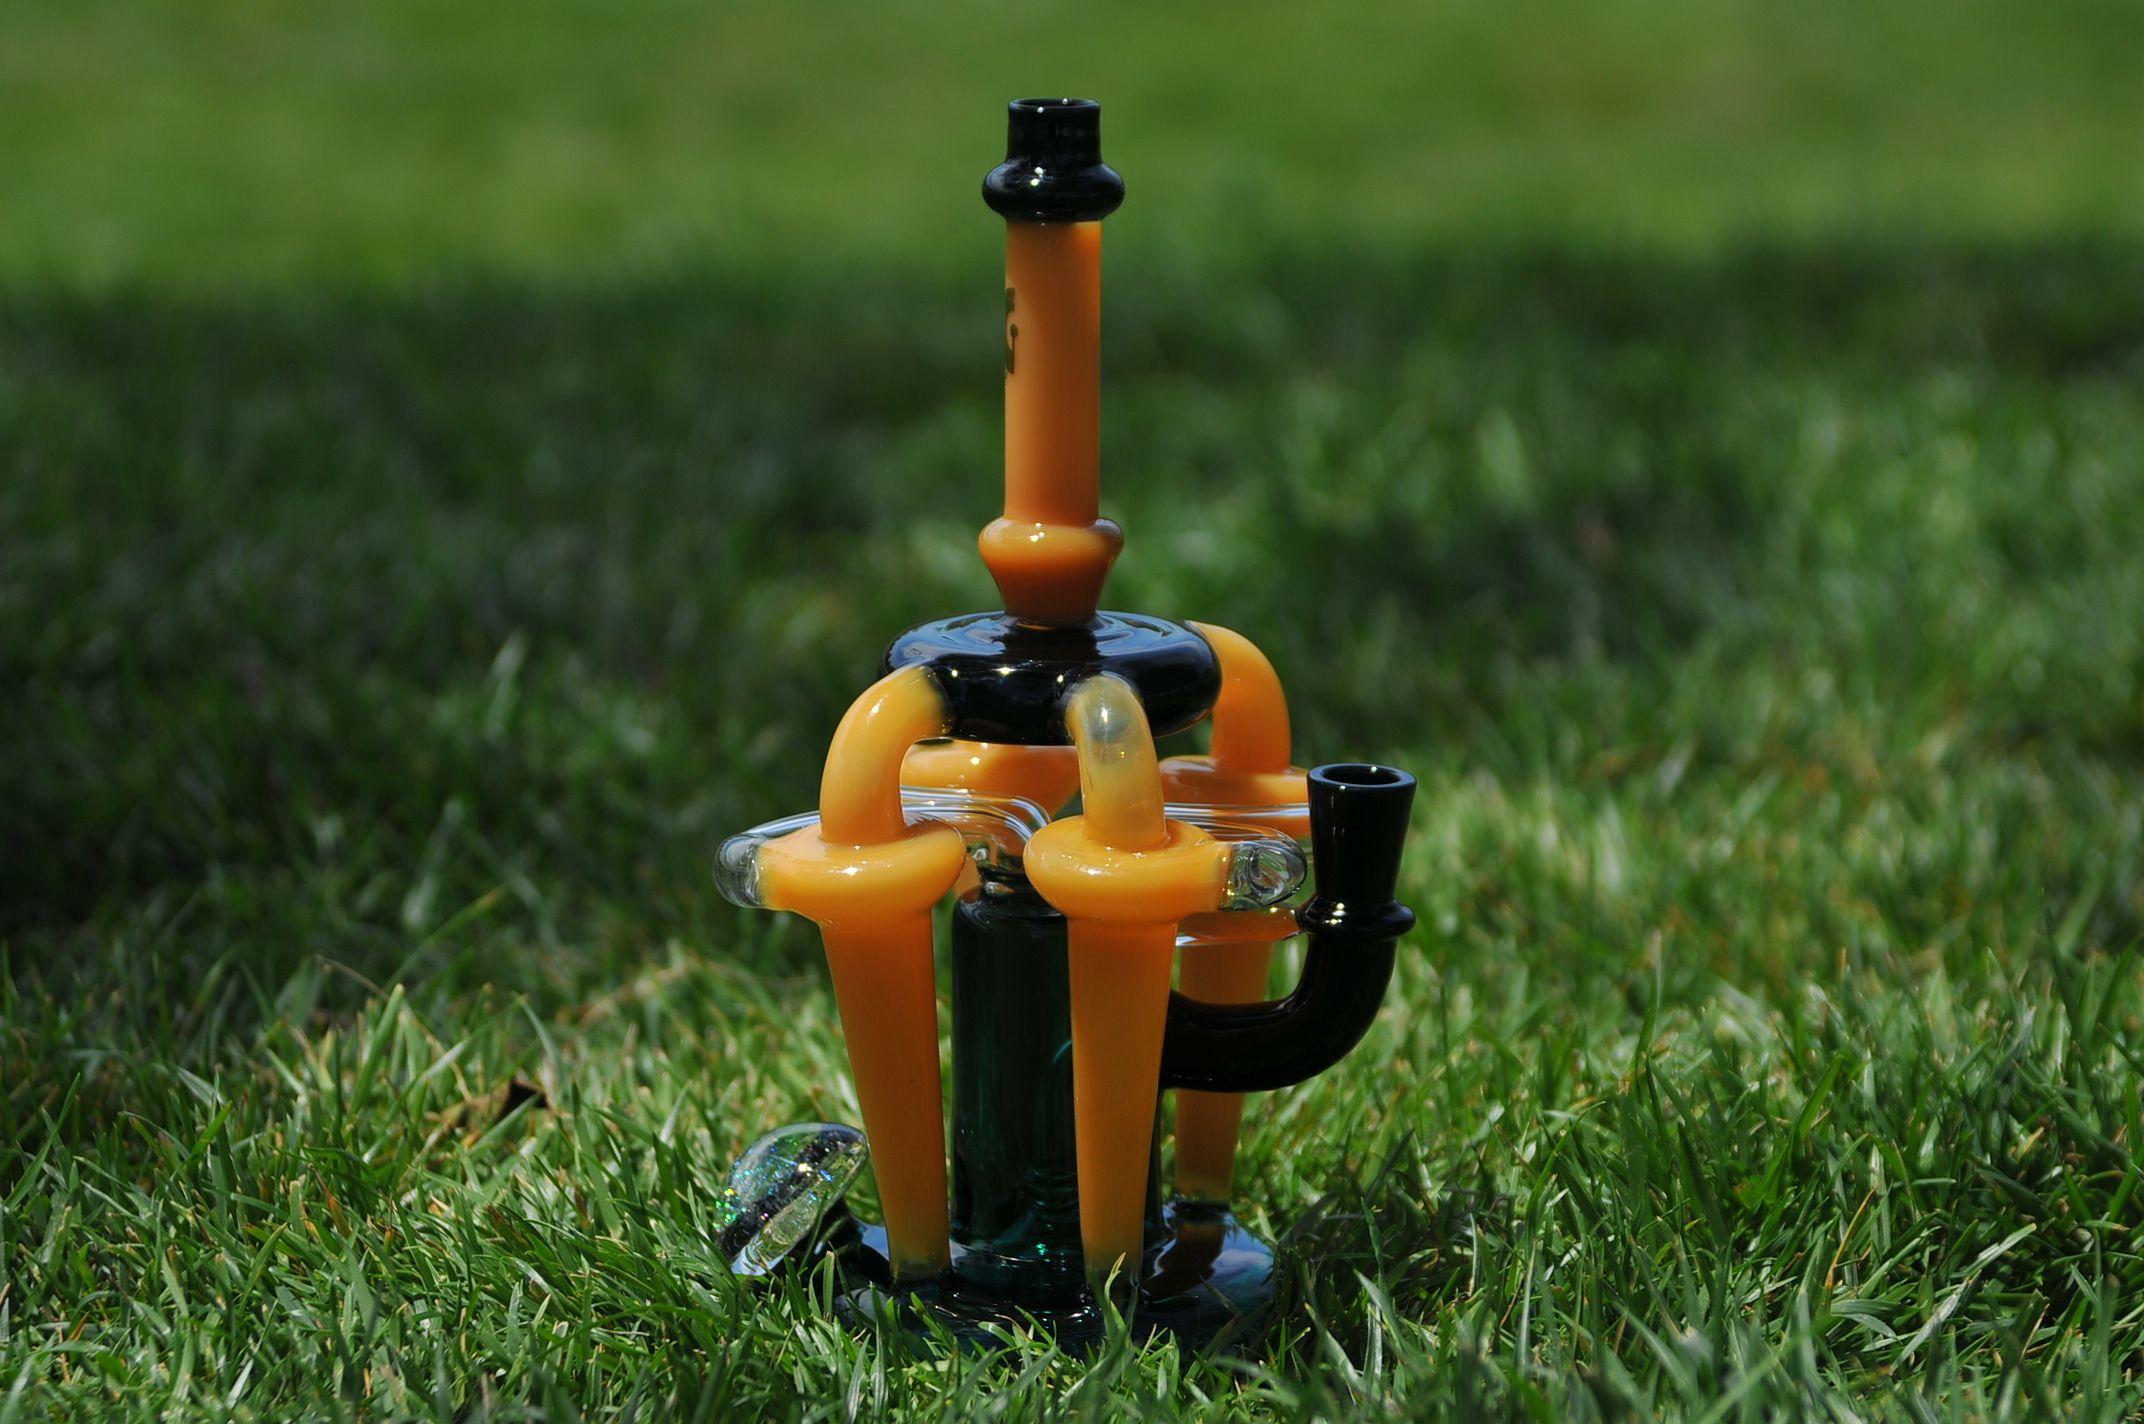 꿀벌 봉 / 물 담뱃대 / EMS 안전하고 빠른 배달 / 화려한 물 필터링 효과 / 탁월한 흡연 경험 / 4 개의 내부 재활용 챔버 / 14mm DAB 굴착기